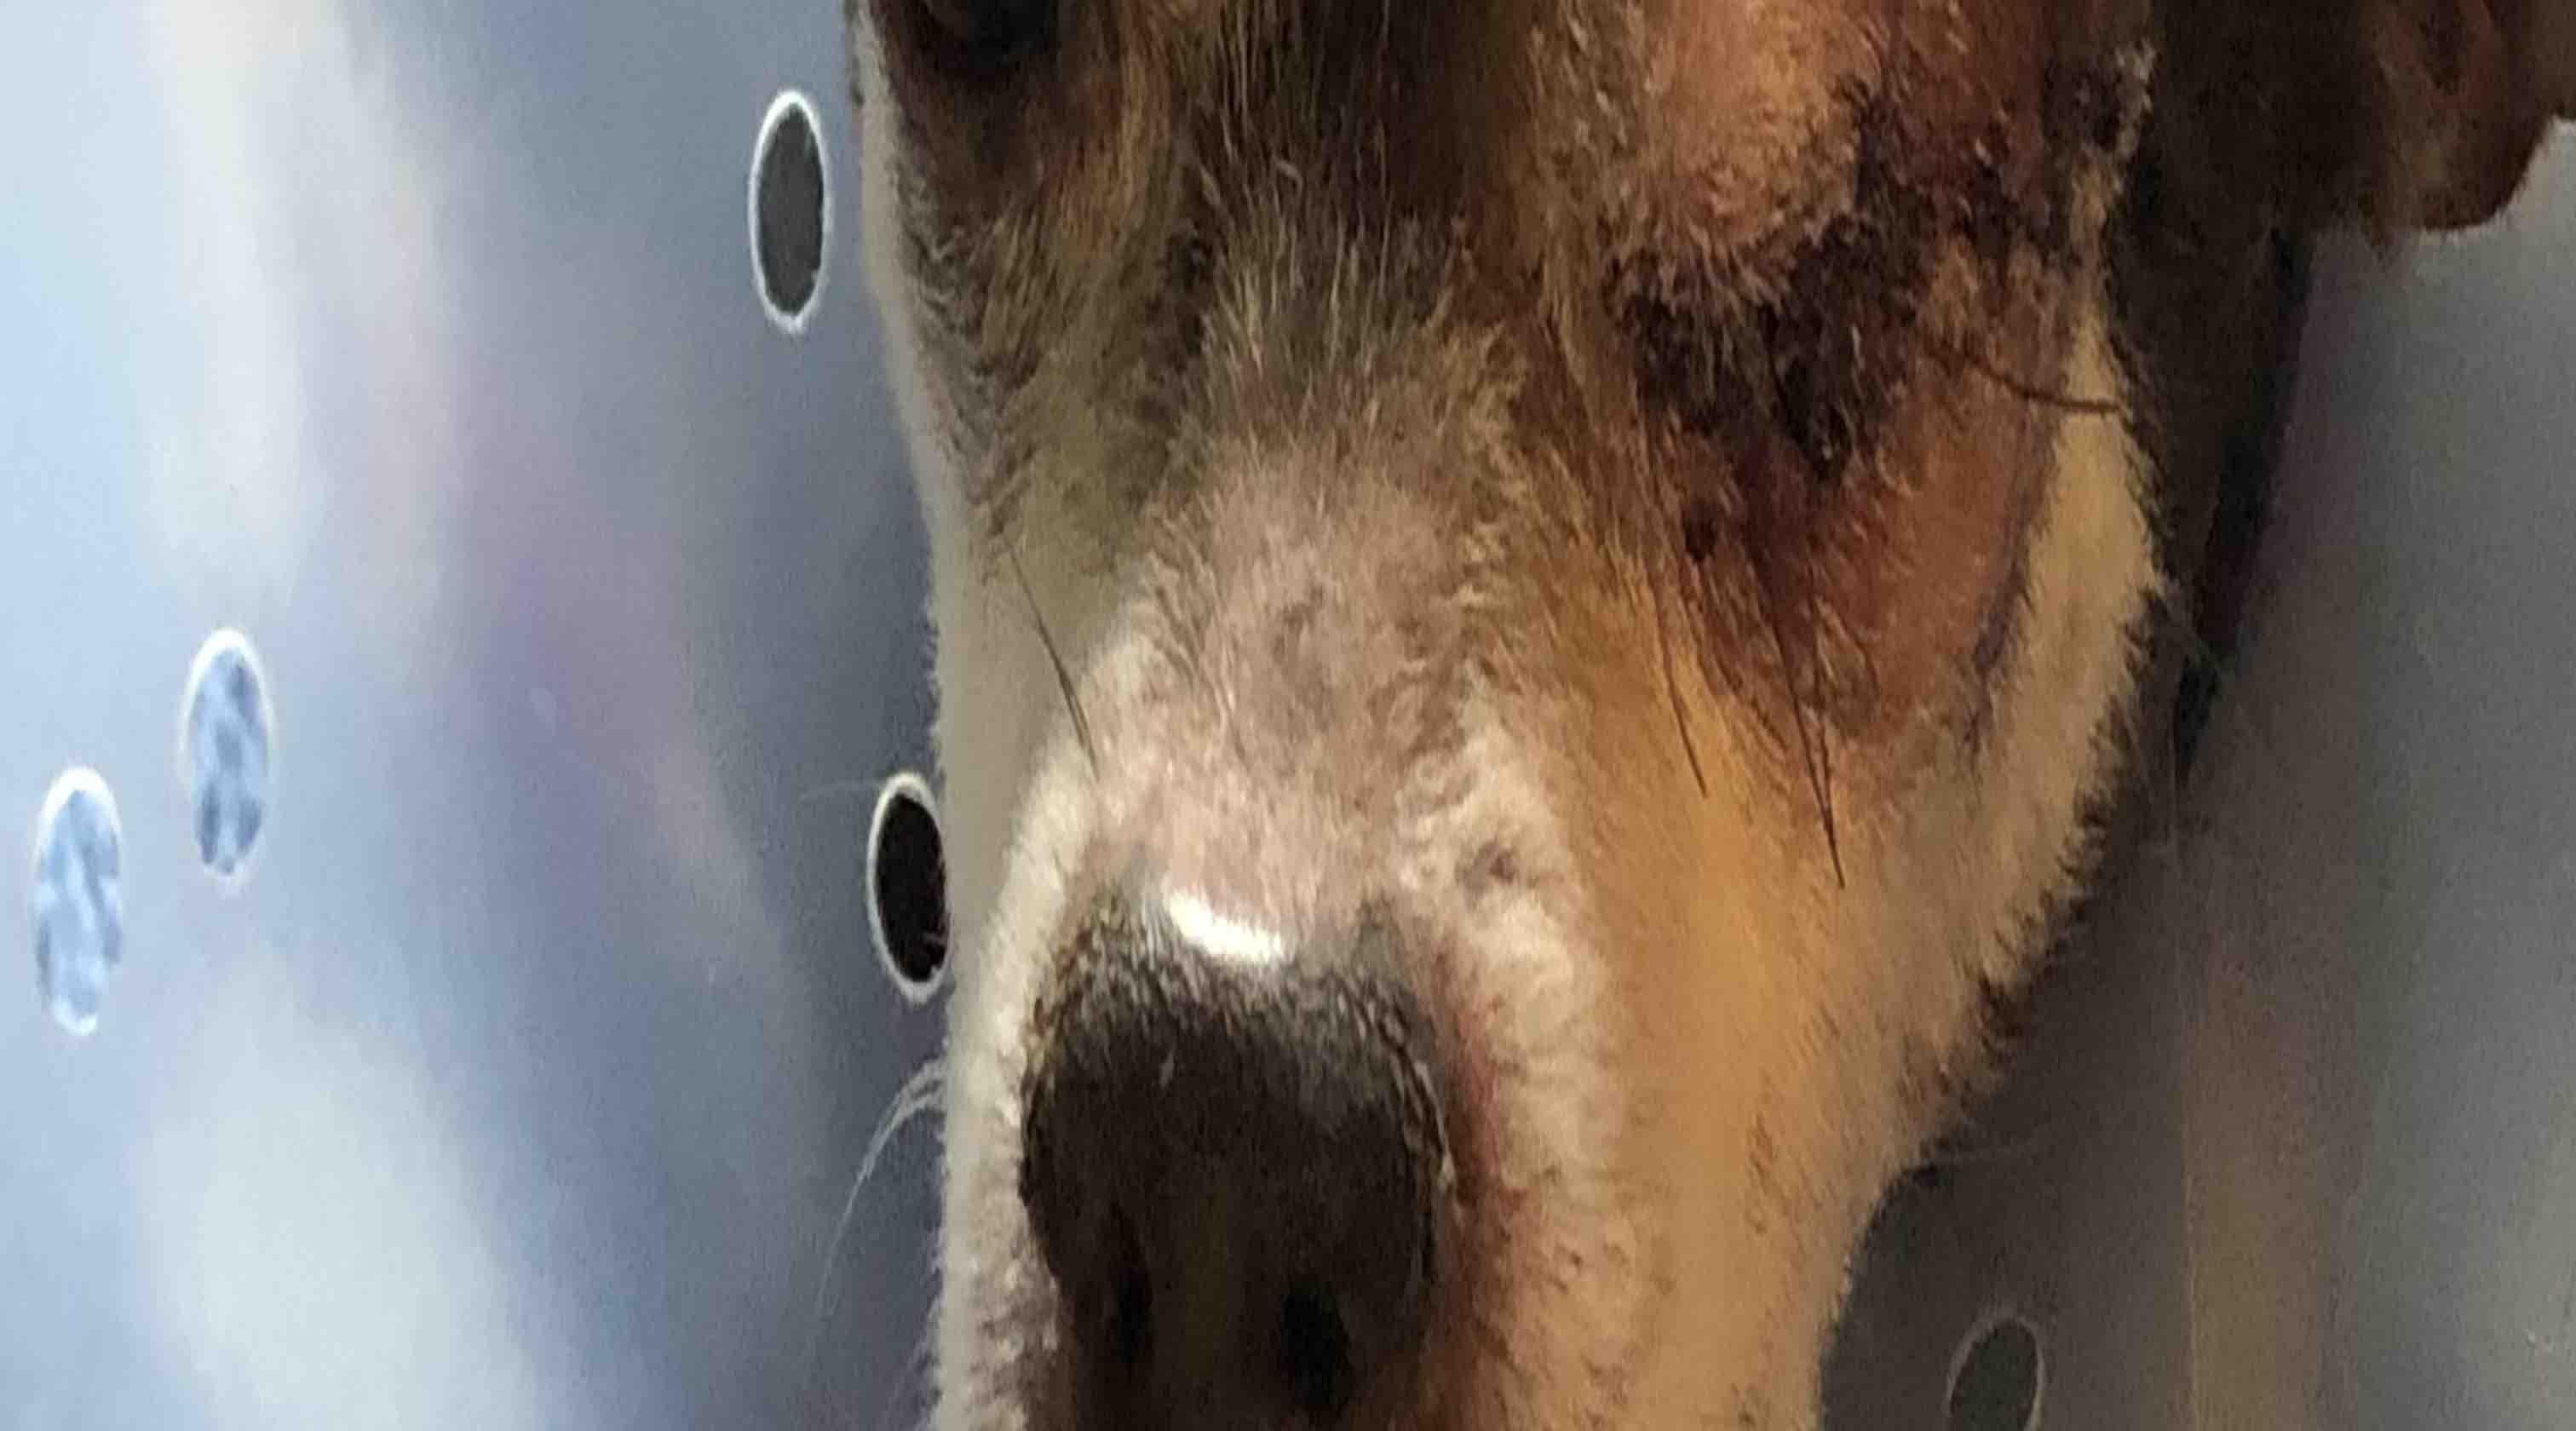 Fundraiser by Ryan Akers : Meeko needs eye surgery